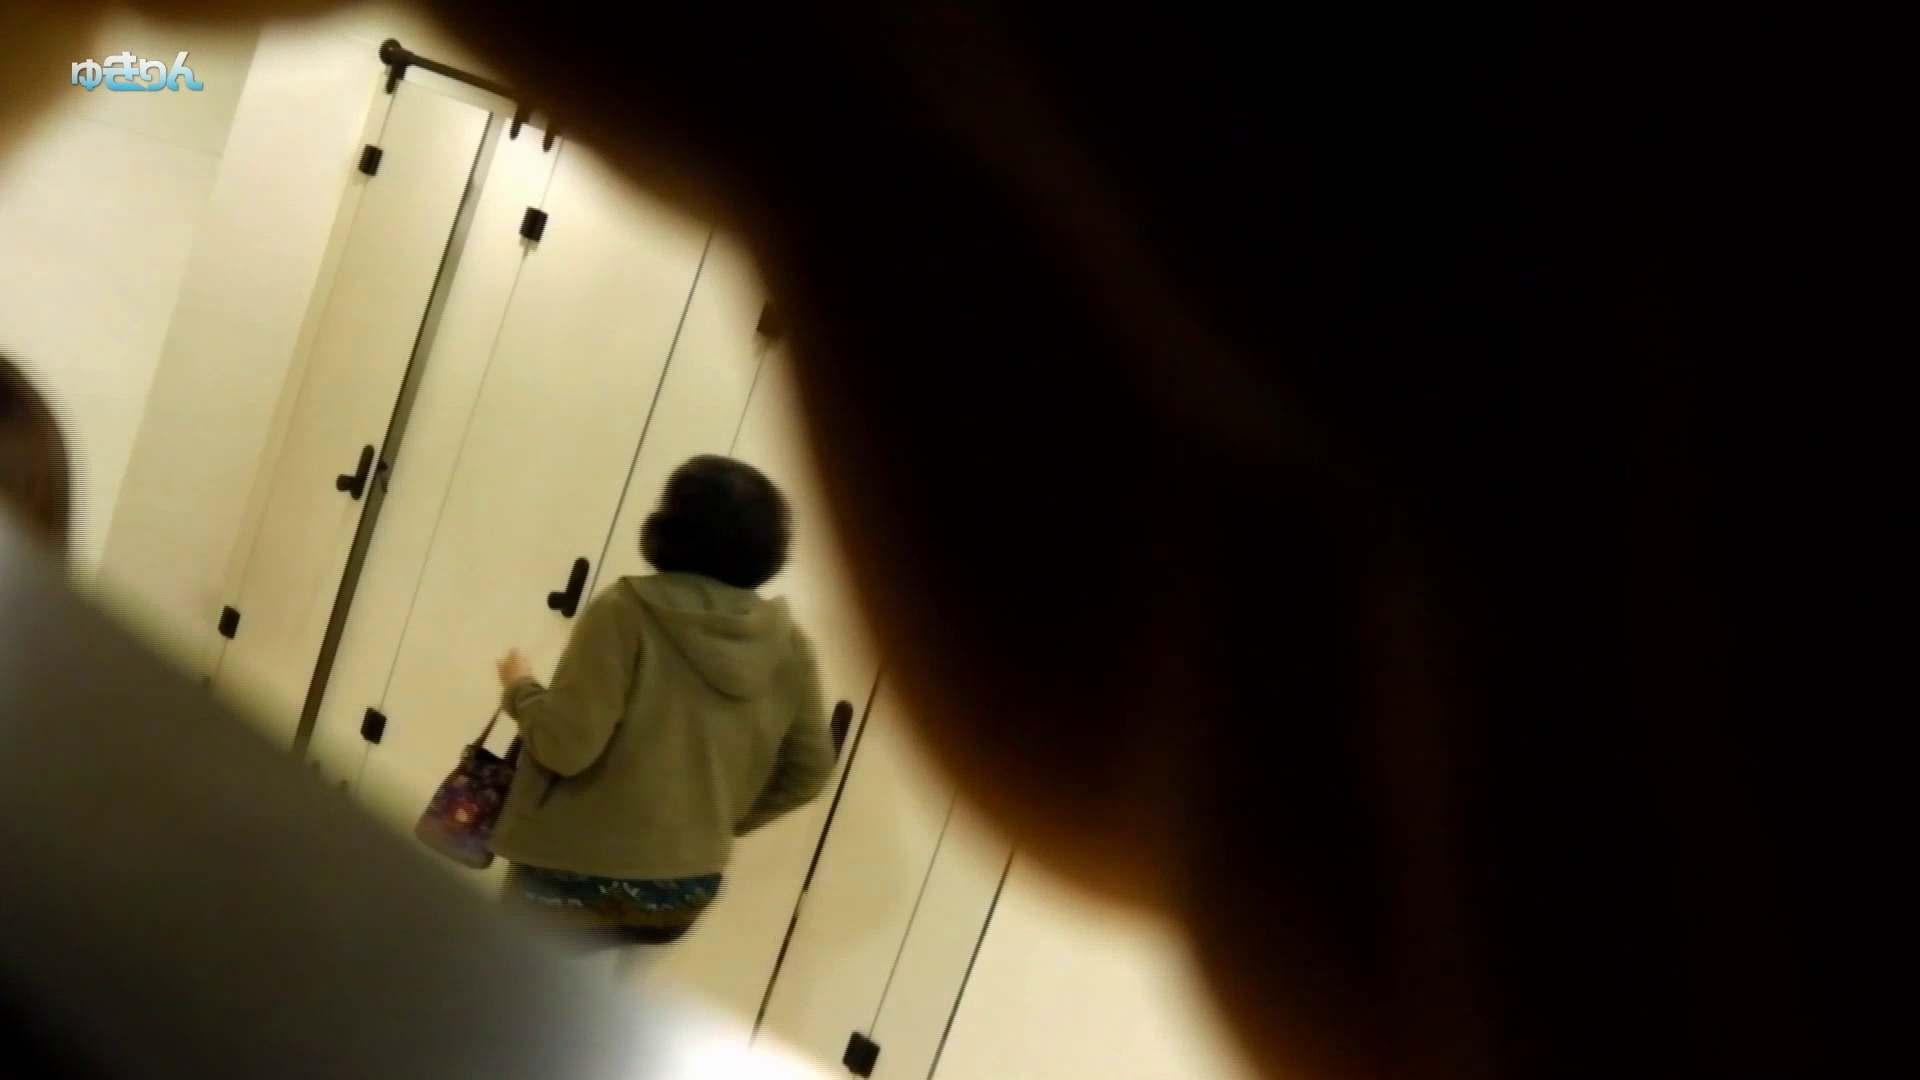 新世界の射窓 No81 制月反さん登場!! ギャル  94PIX 78